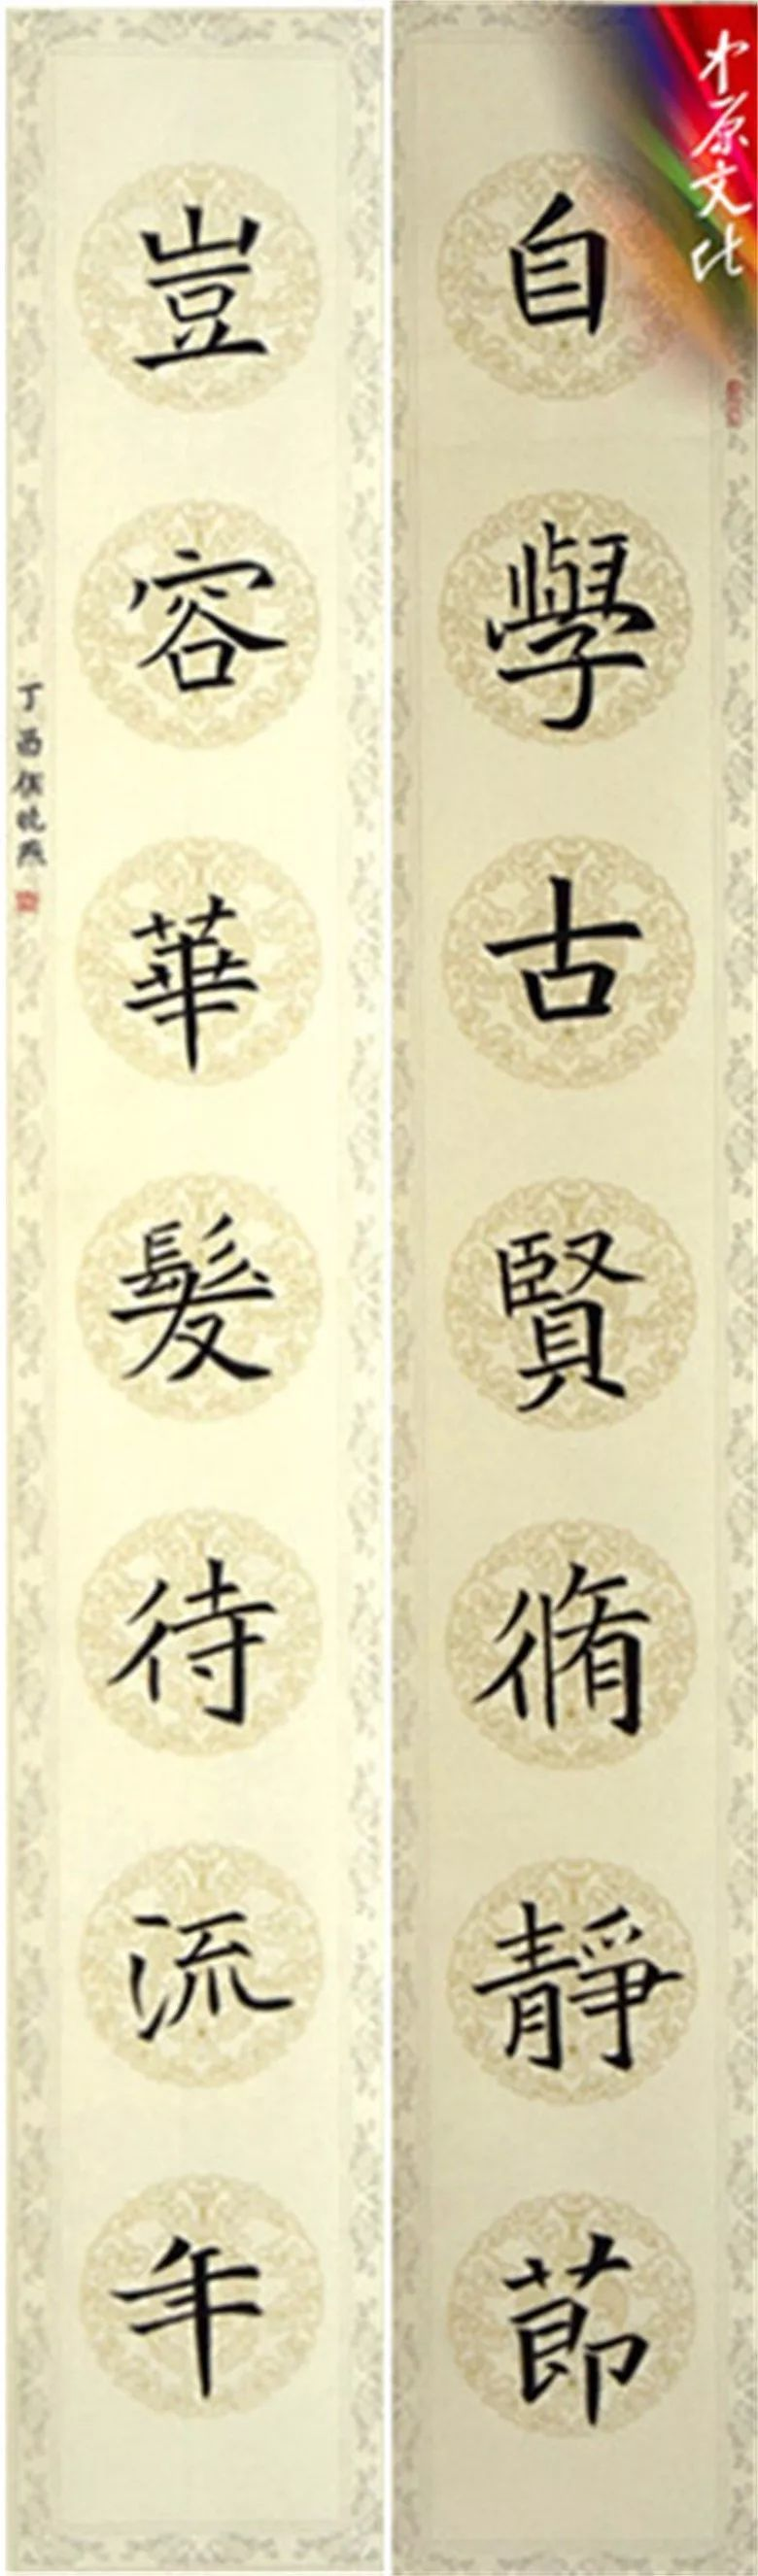 楹联的习俗源于我国古代汉语的对偶现象,西晋时期,出现合律讲究的对句